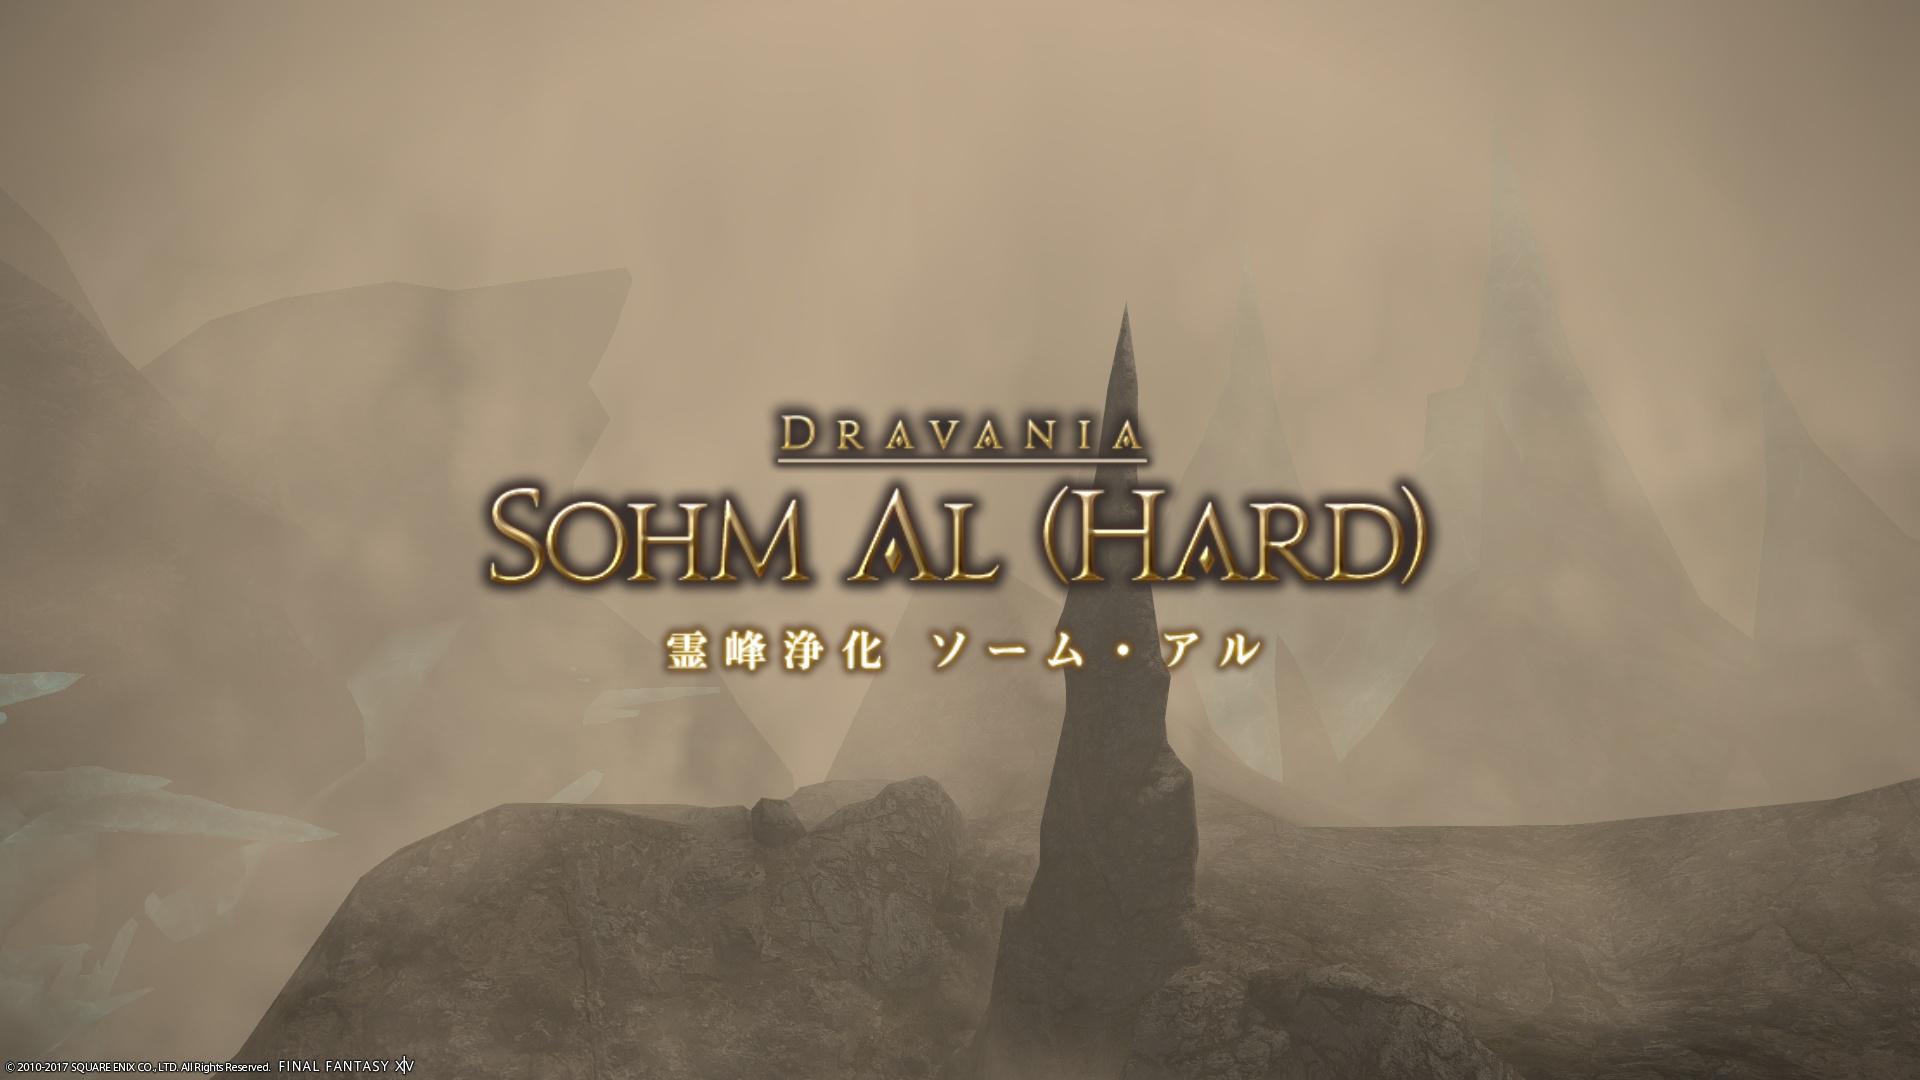 ソームアルハード